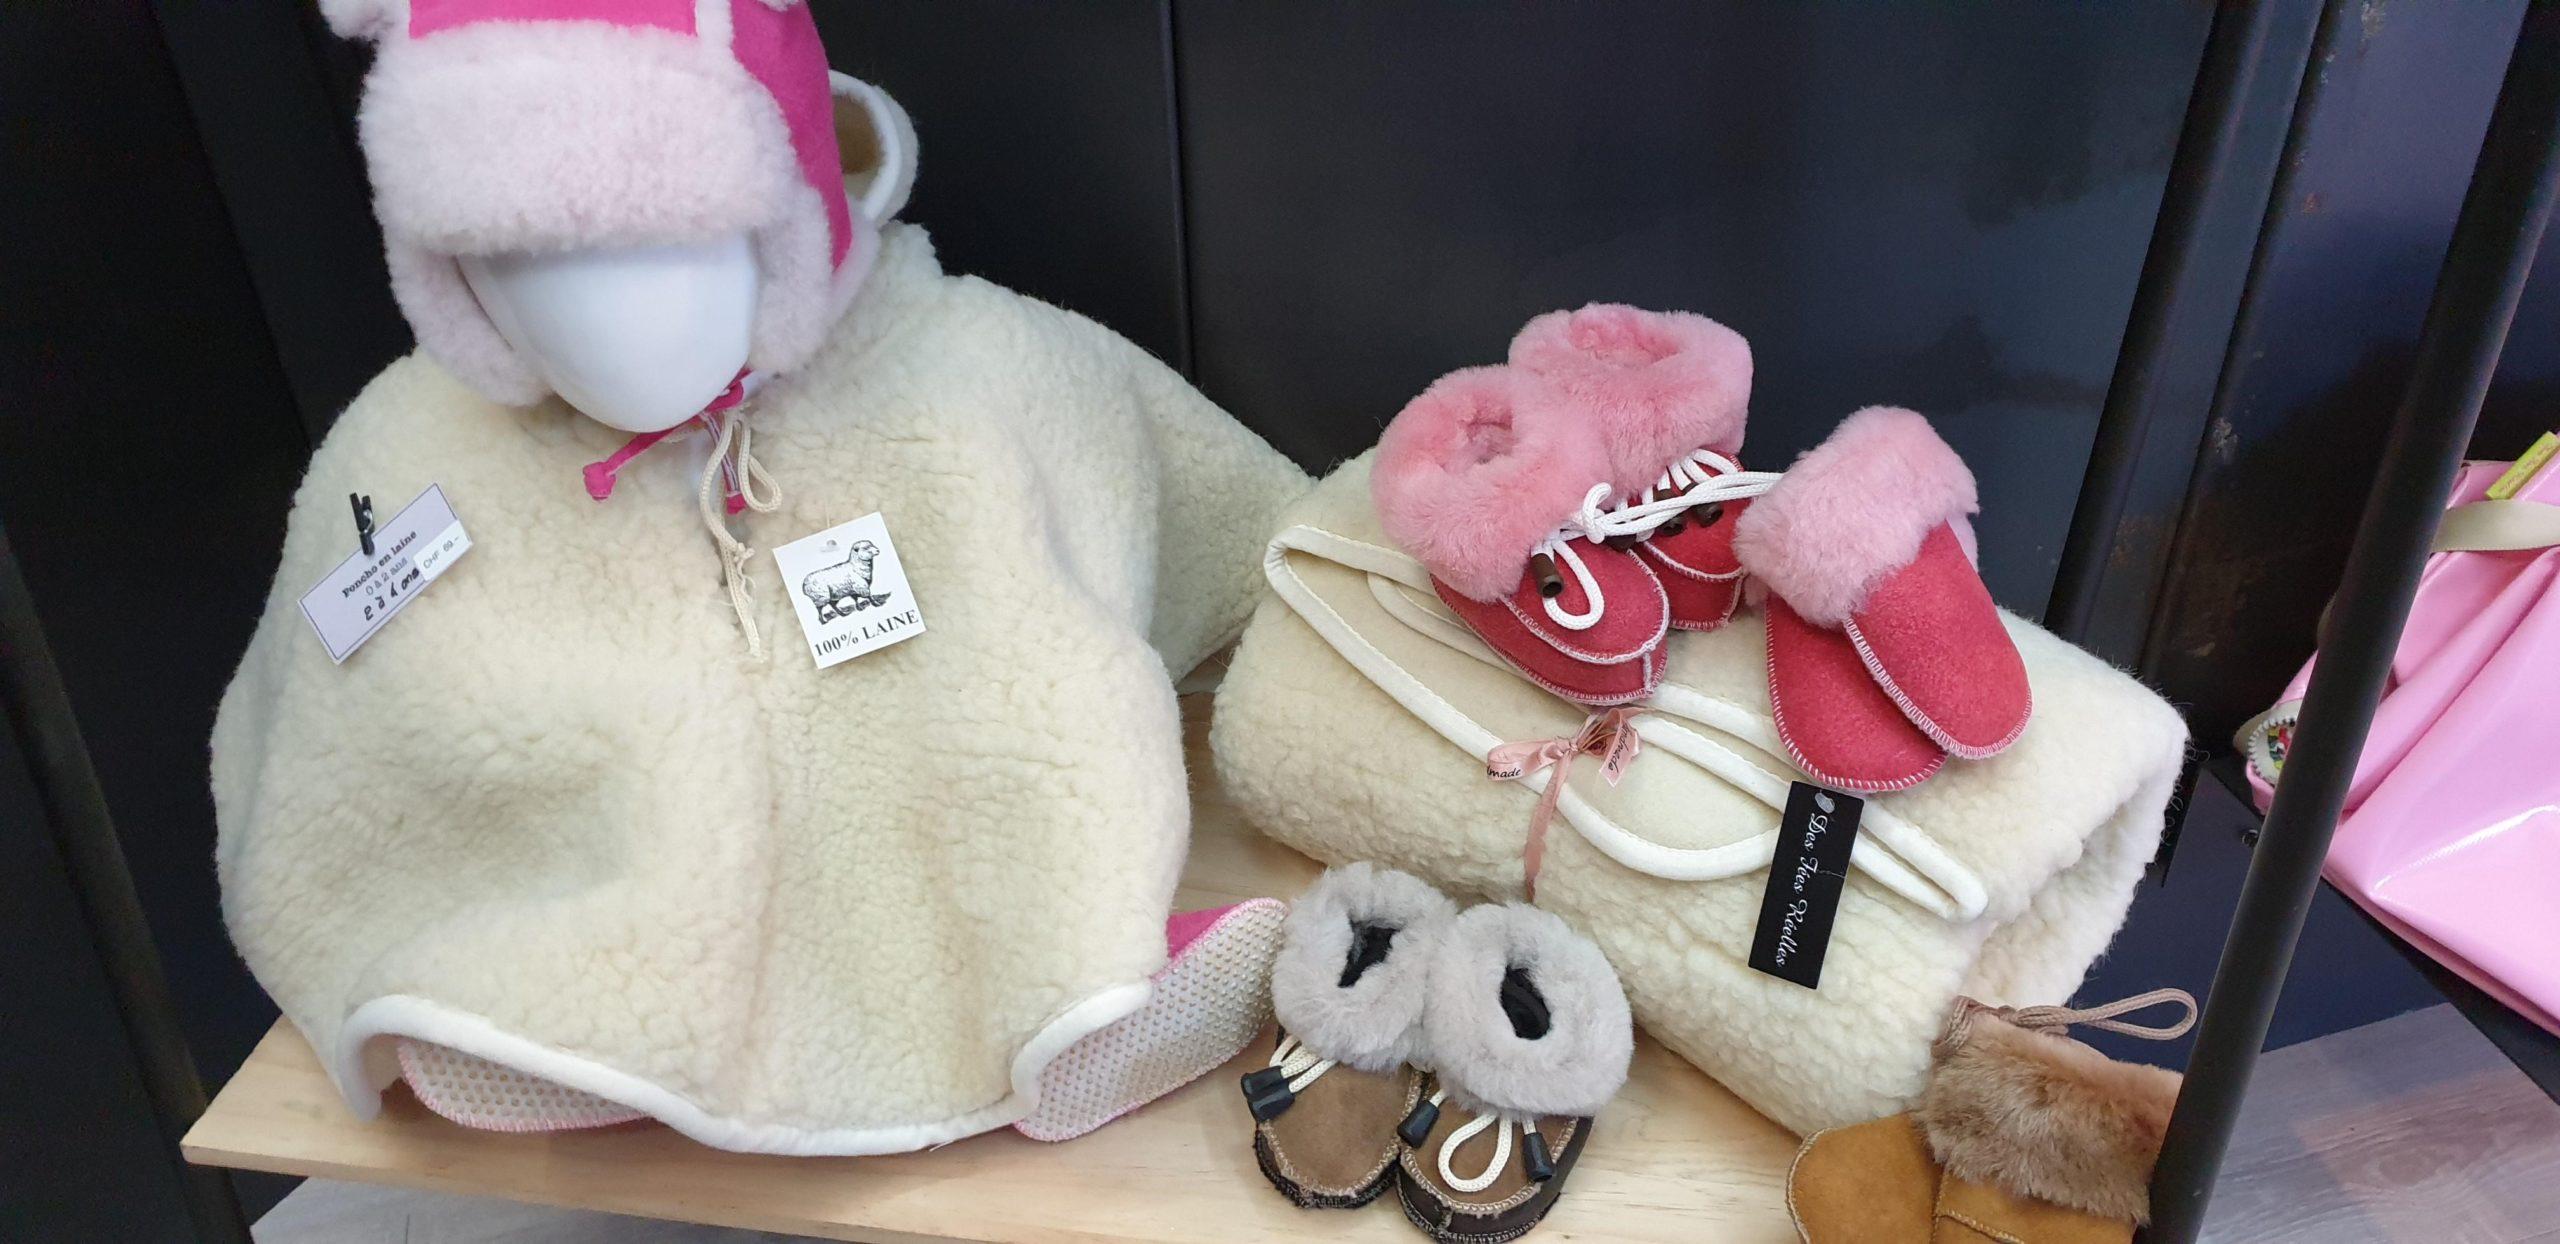 Vêtements pour bébés en mouton réalisés par Stéphanie Gedda Des Fées Réelles